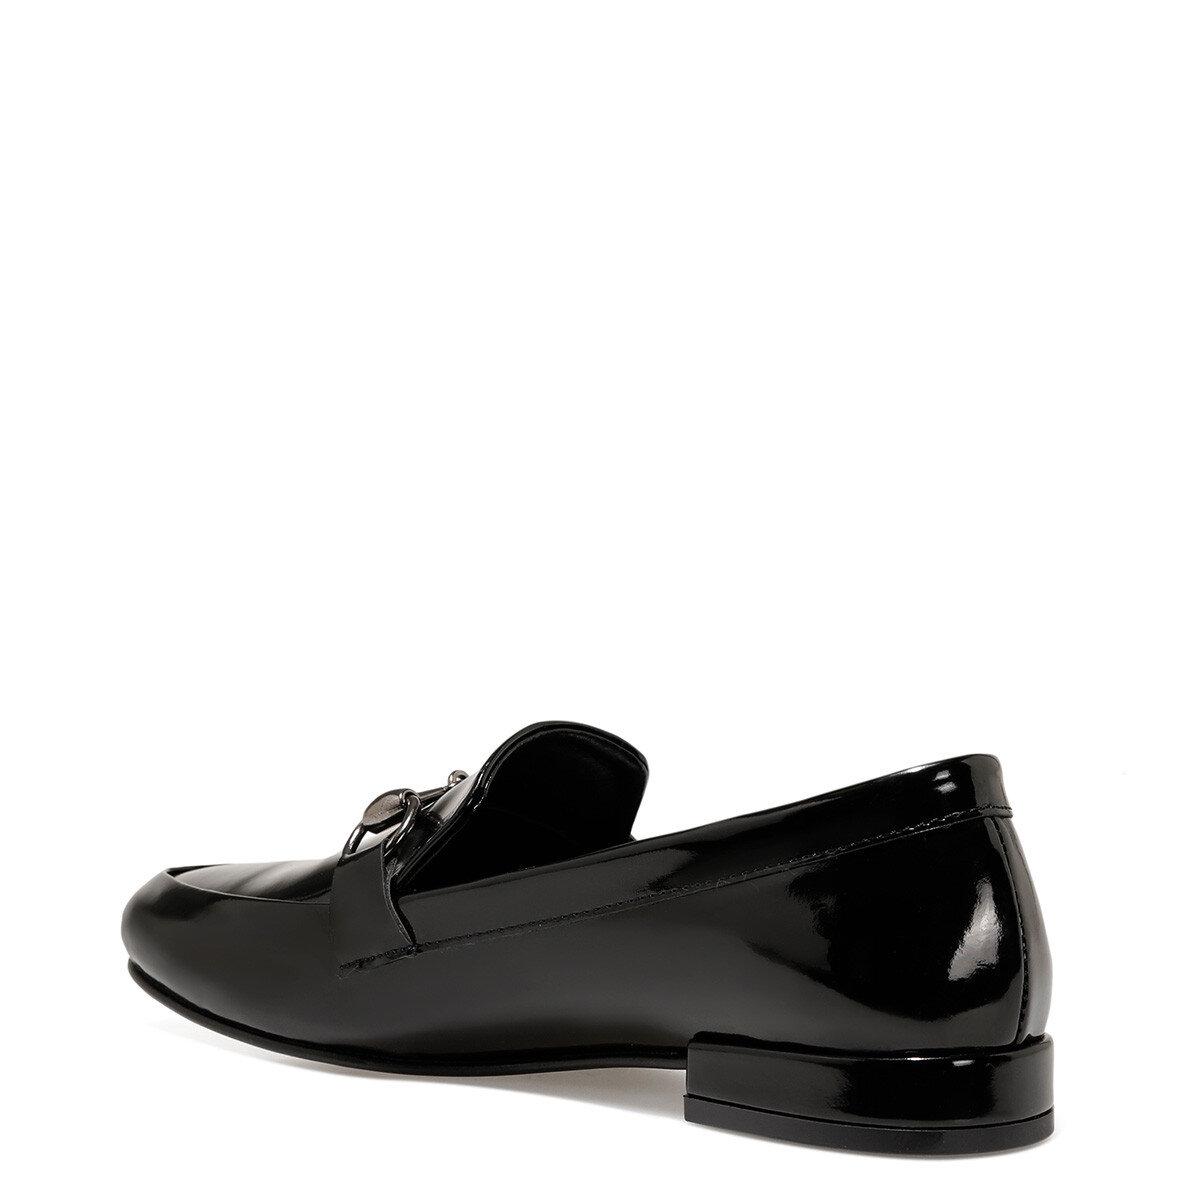 SUELA3 Siyah Kadın Loafer Ayakkabı